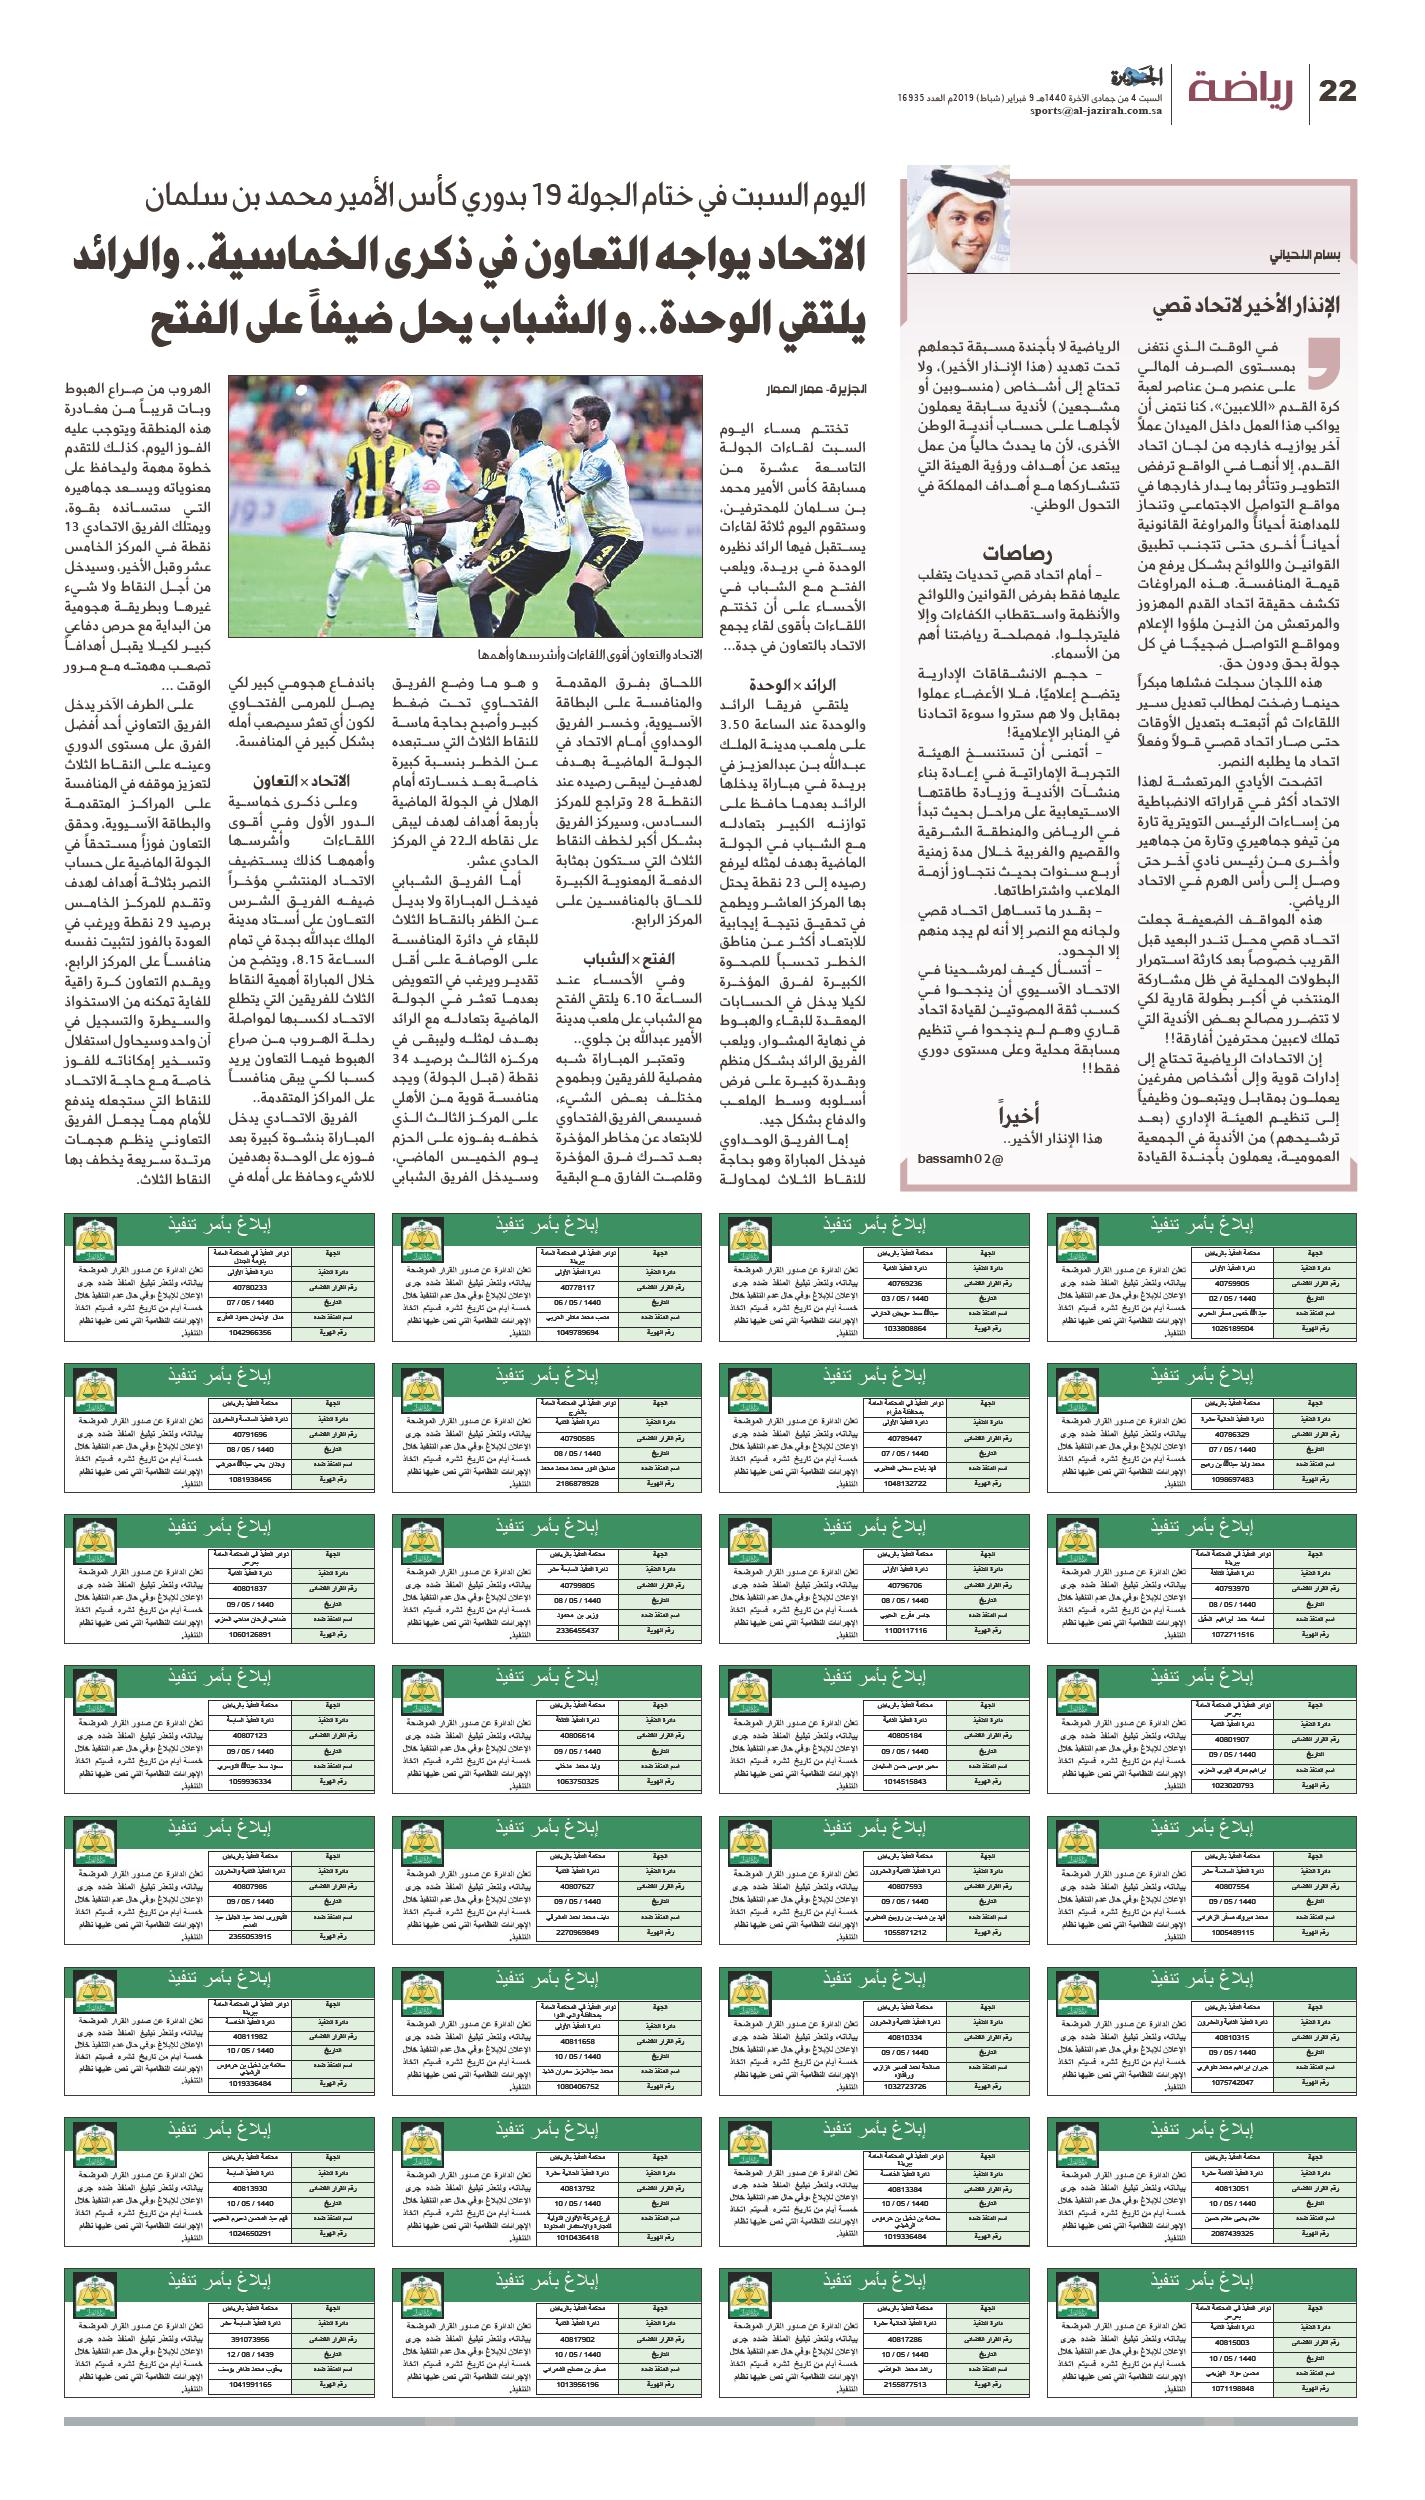 أخبار الاتحاد في الصحف لهذا اليوم السبت الموافق -4- جمادي الآخرة -1440هـ